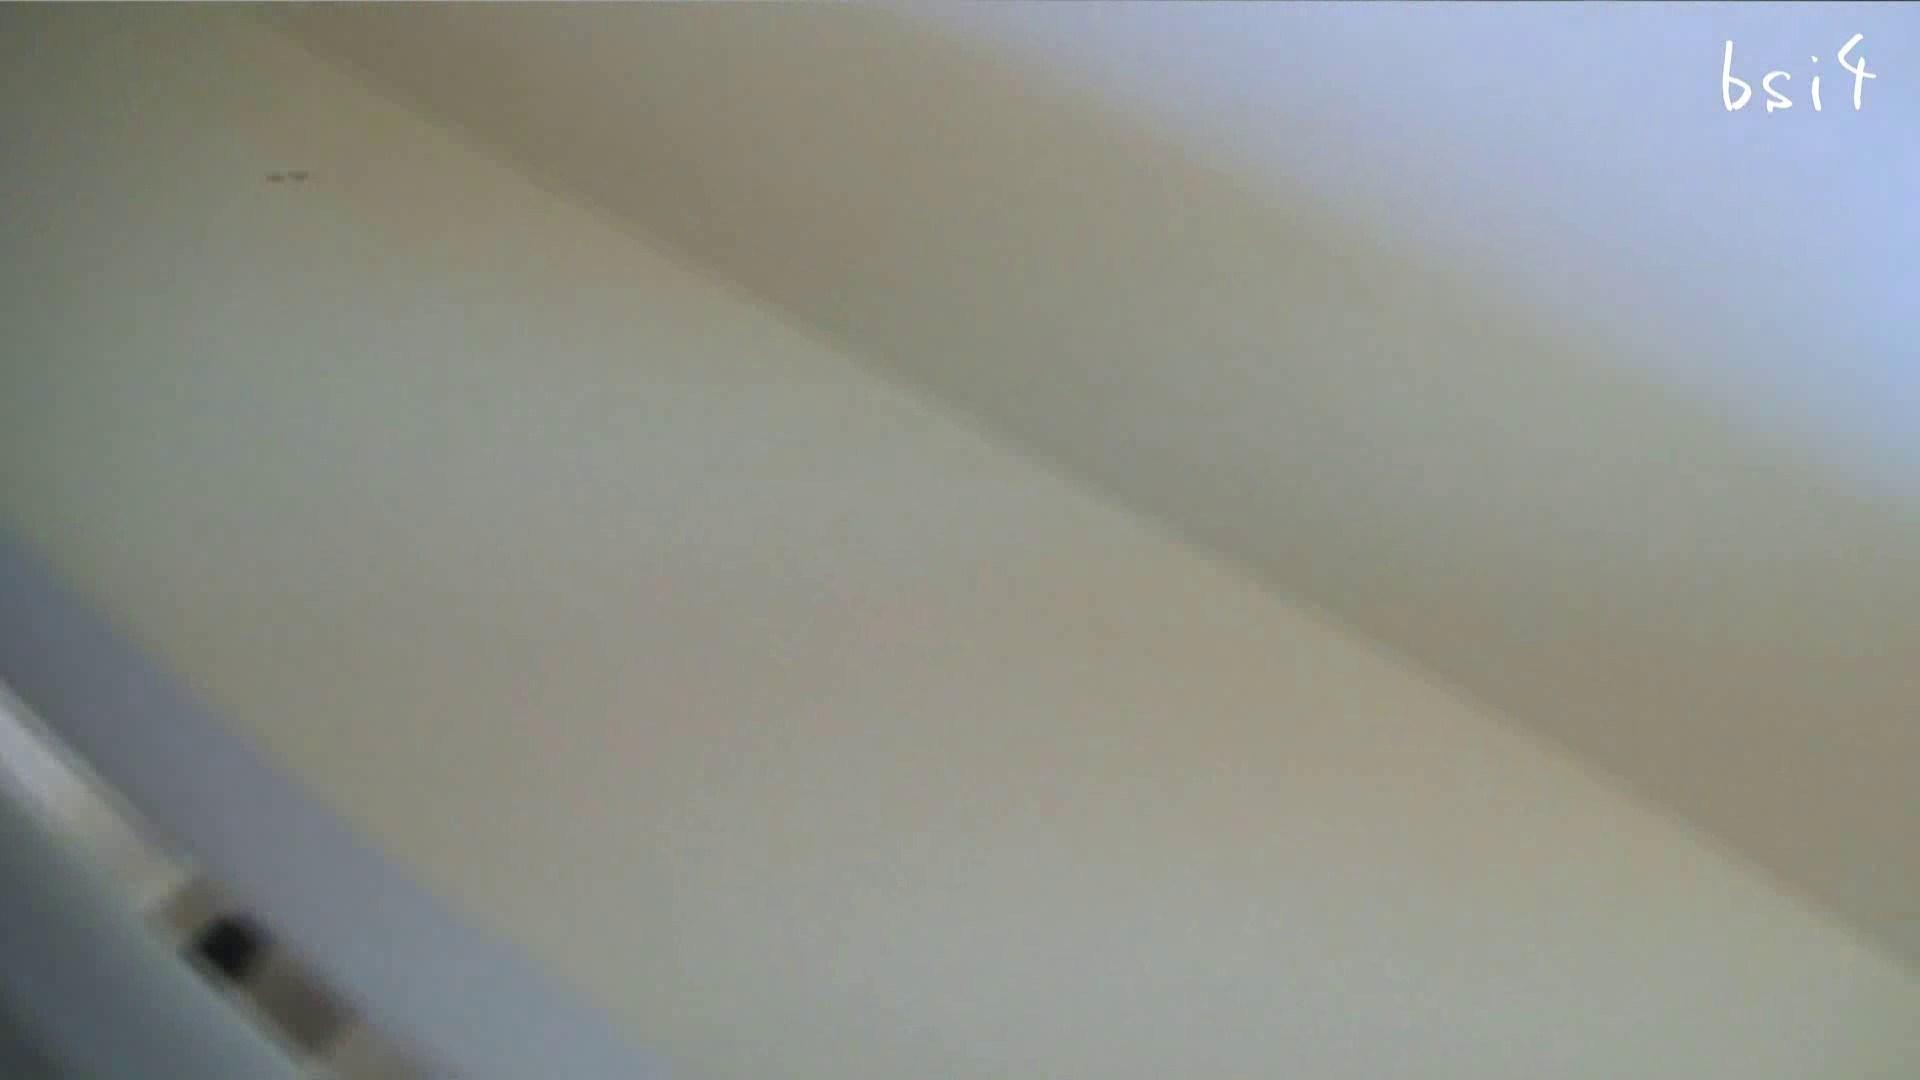 ナースのお小水 vol.004 ナース  63連発 1